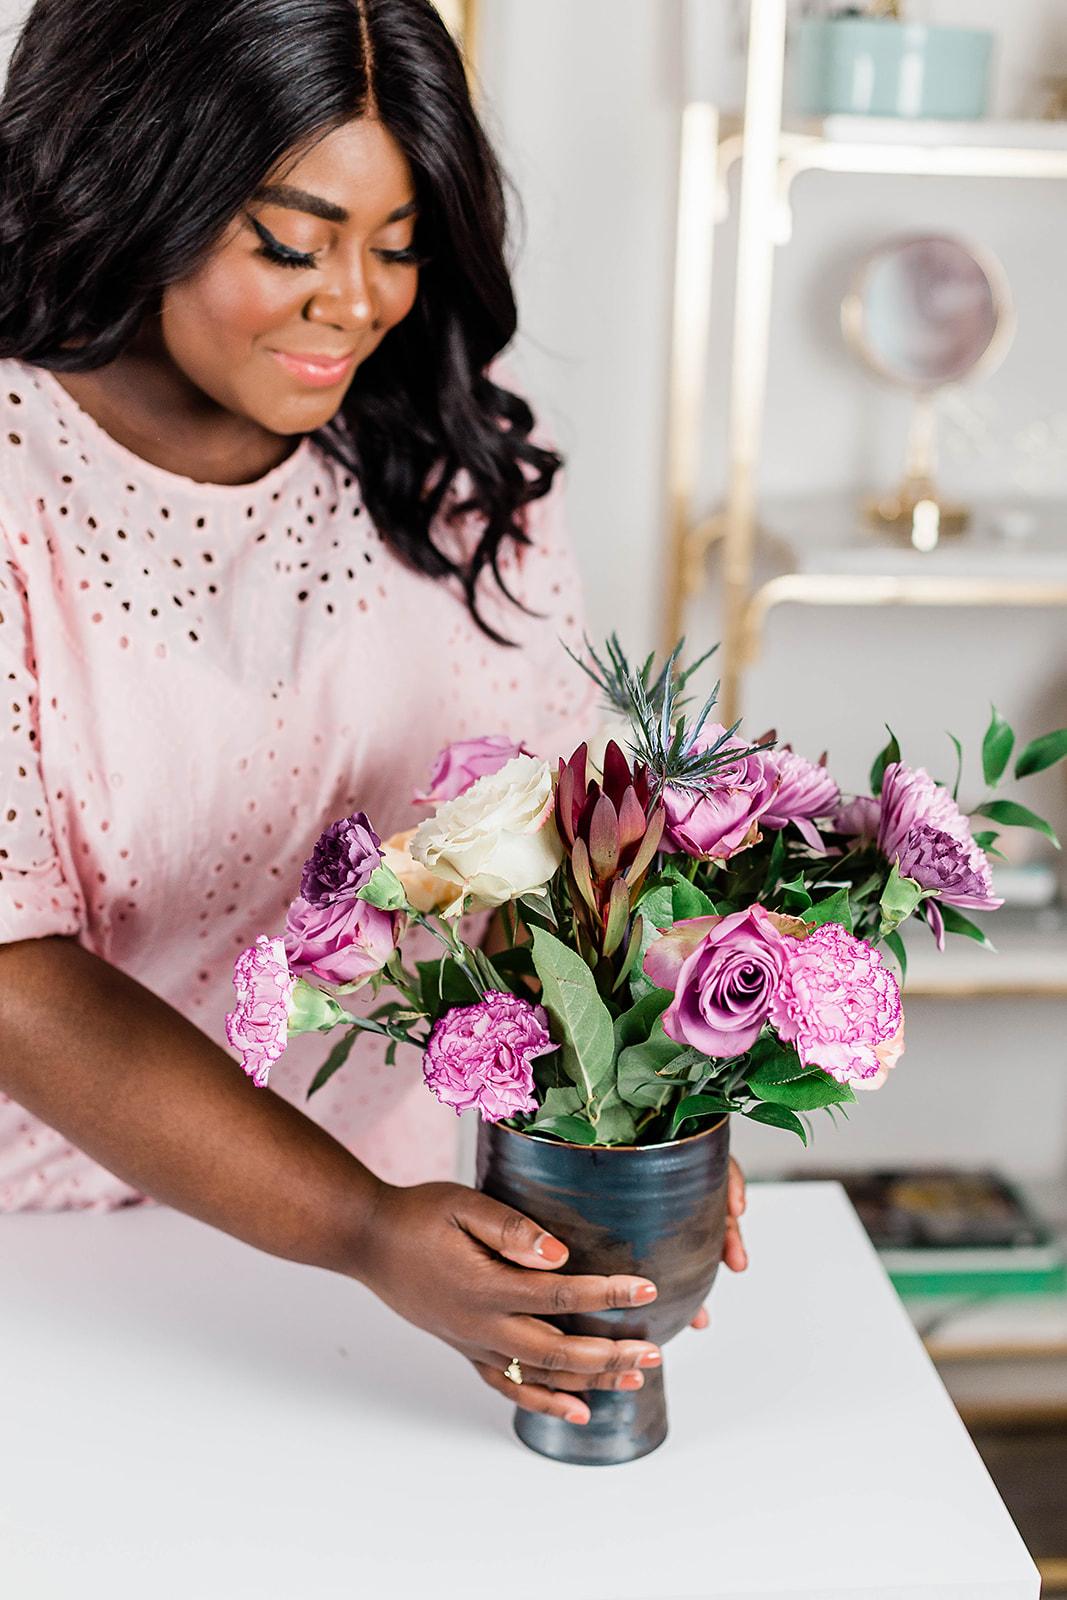 Floral Arranging. Woman doing floral arranging. Floral Arrangement